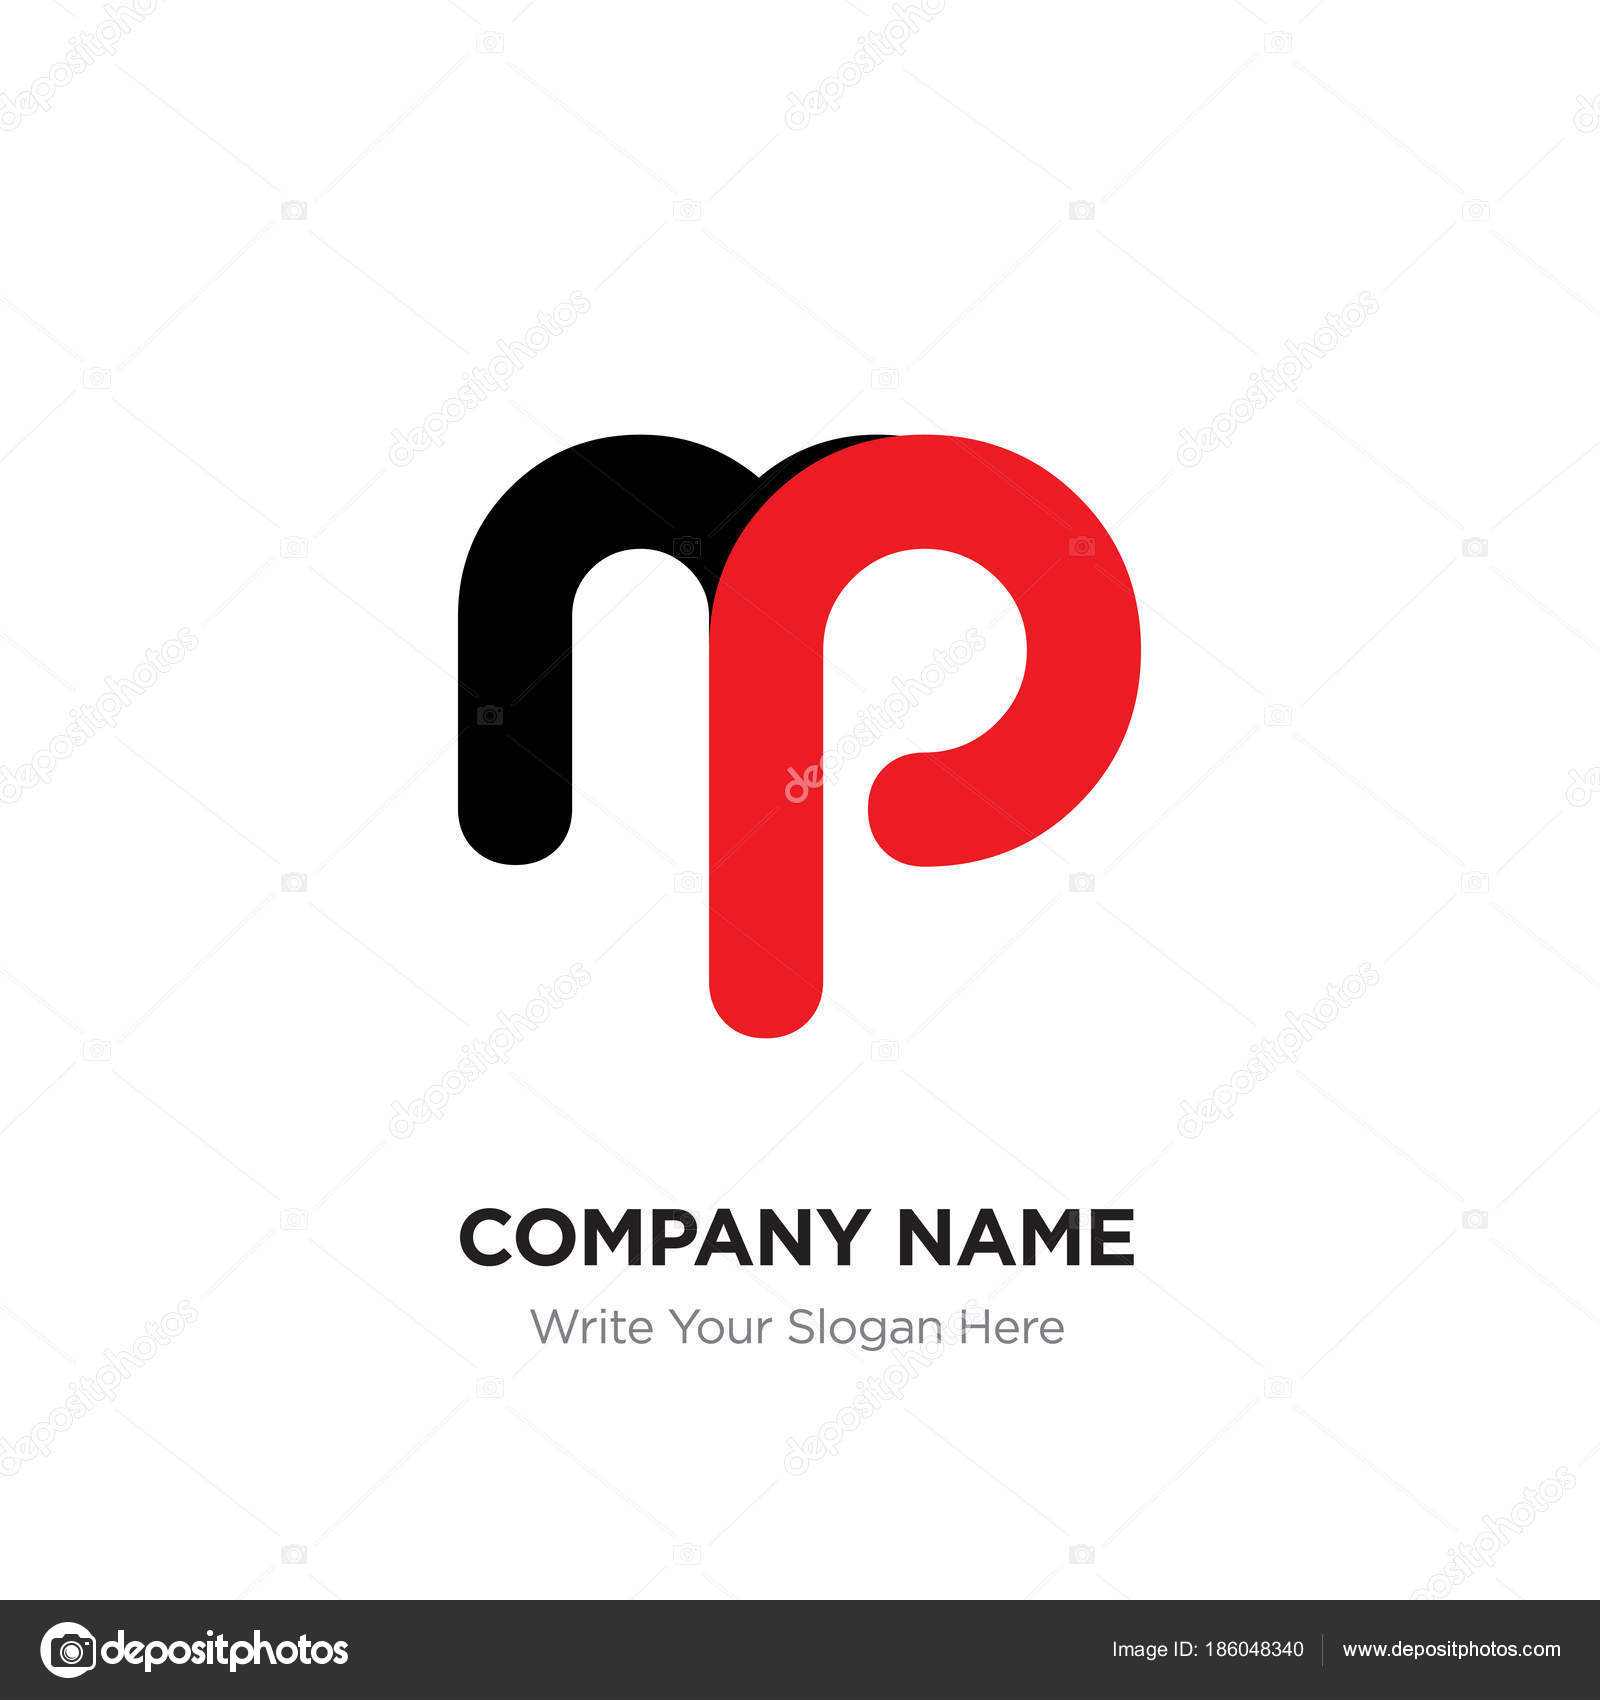 Resumen carta mp o pm logo plantilla de diseño, alfabeto negro en ...